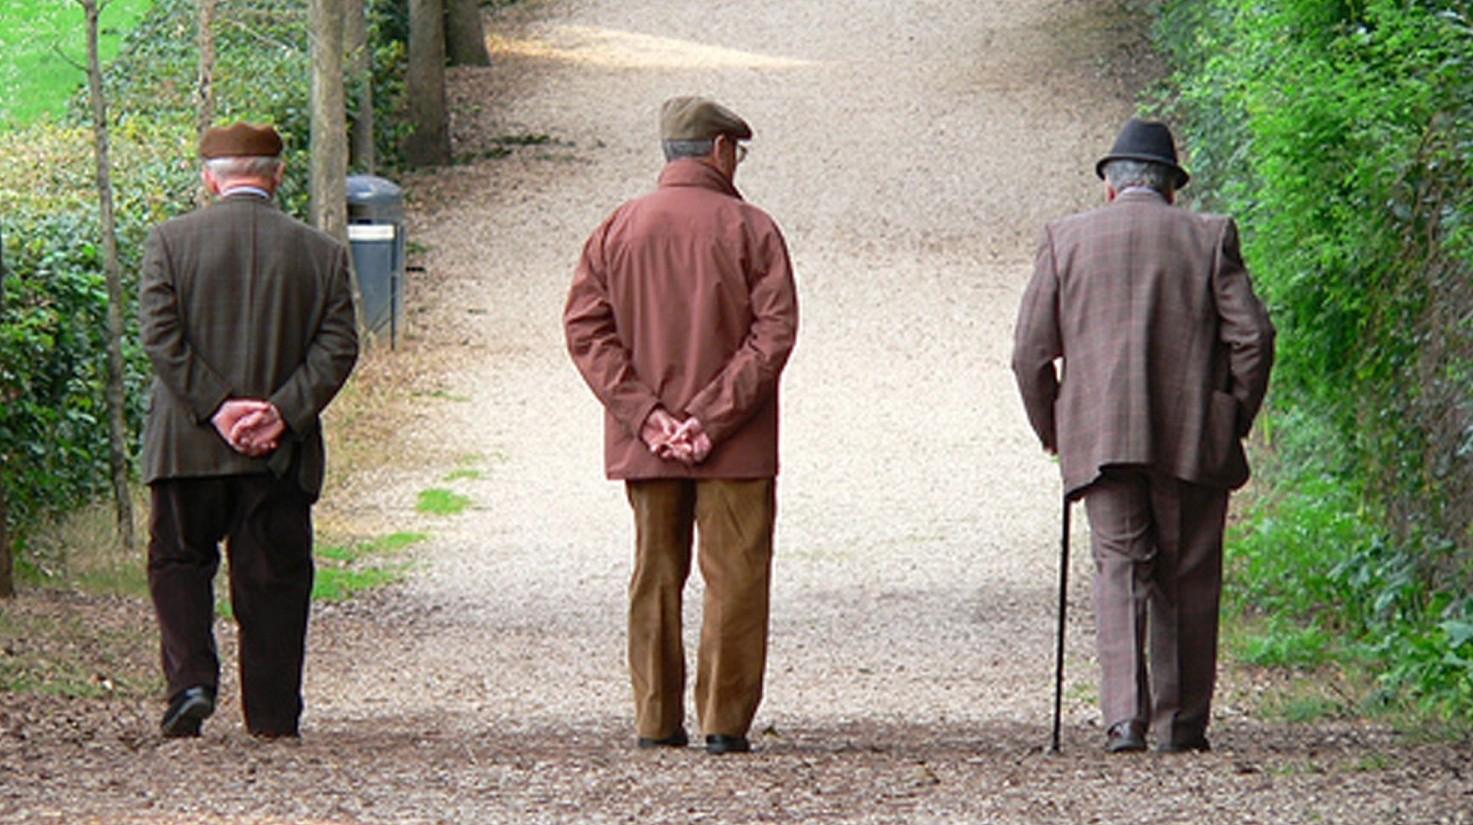 Pensione anticipata 2019 calcolo importo